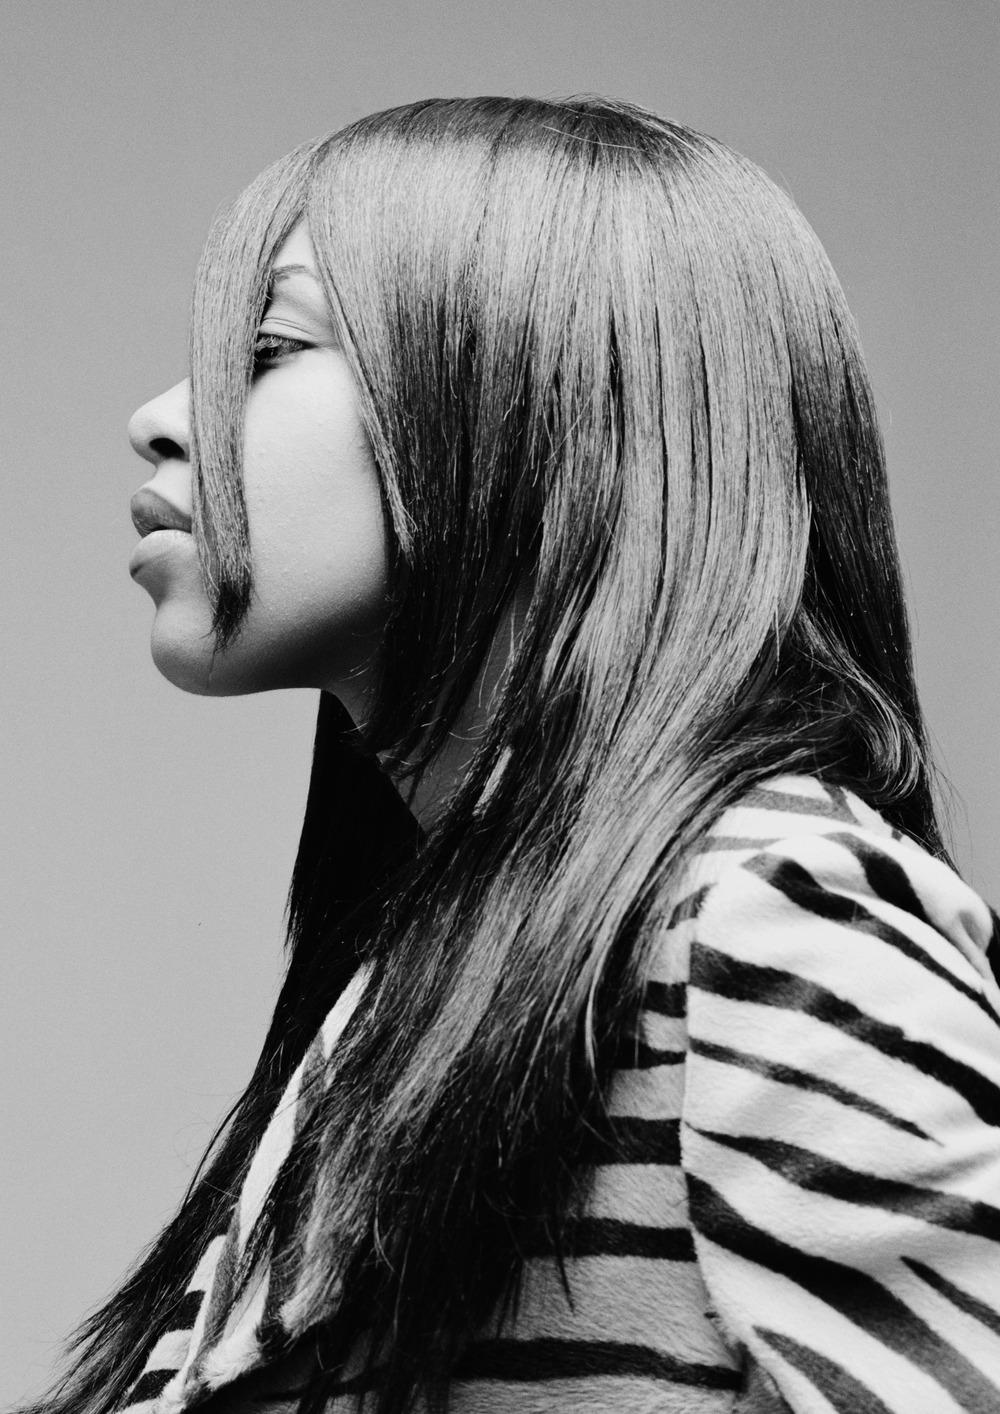 Aaliyah-19-2048x2048.jpg